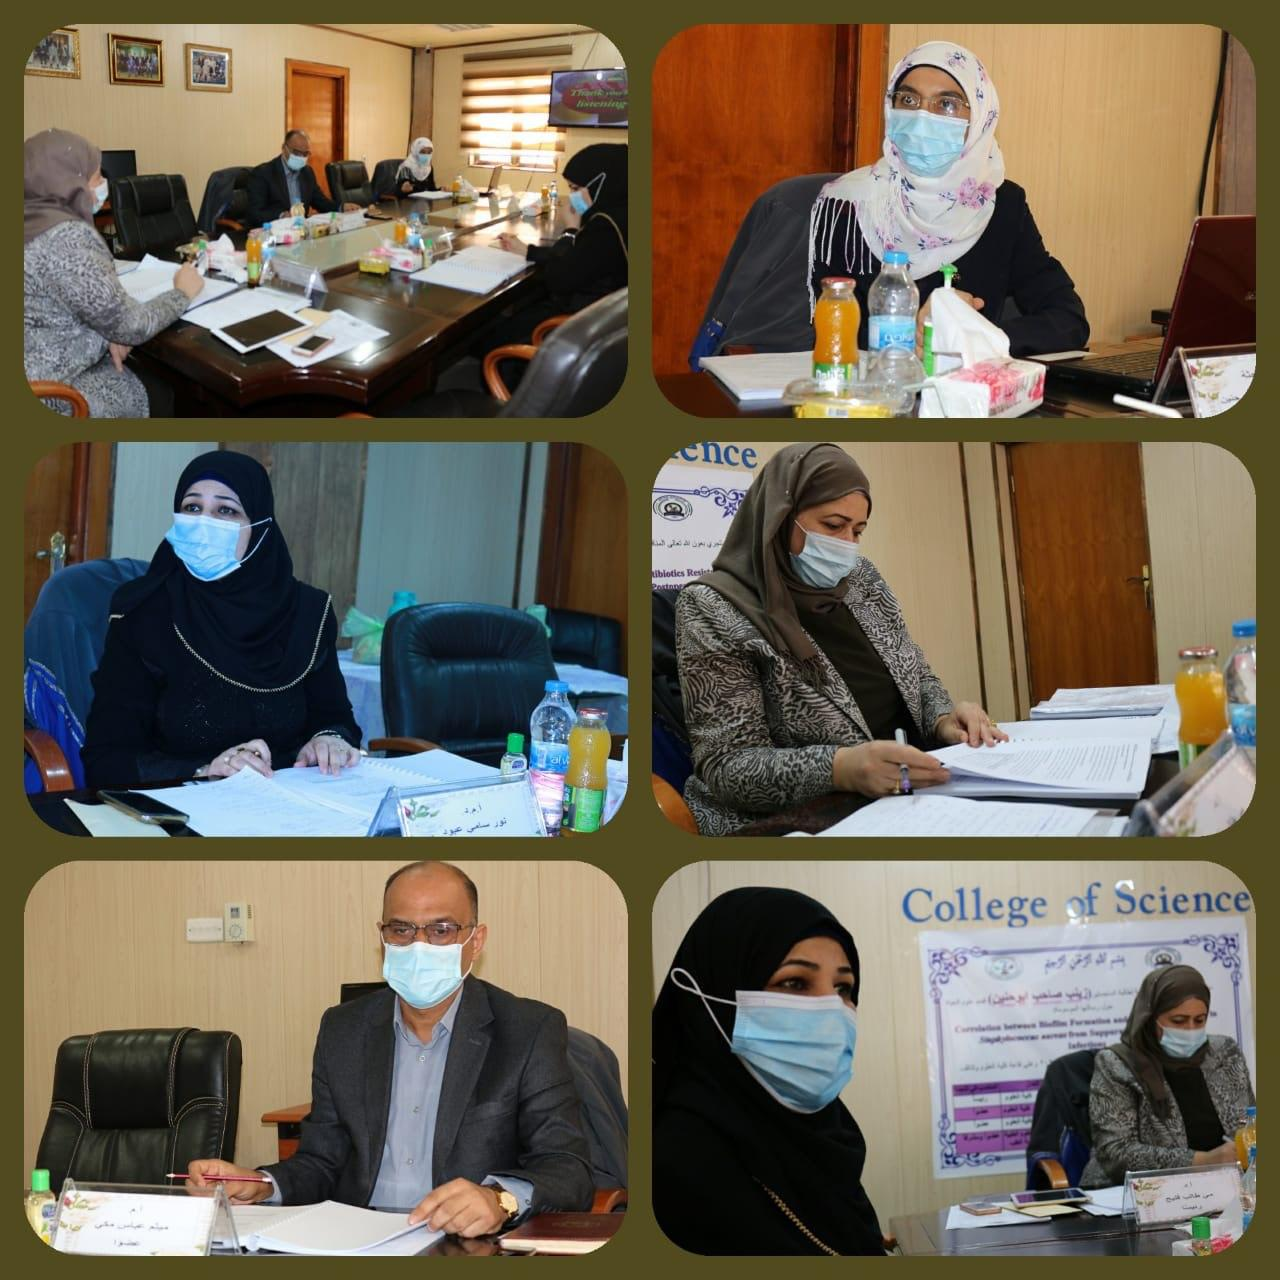 مناقشة رسالة ماجستير في كلية العلوم للطالبة زينب صاحب أبو حنين